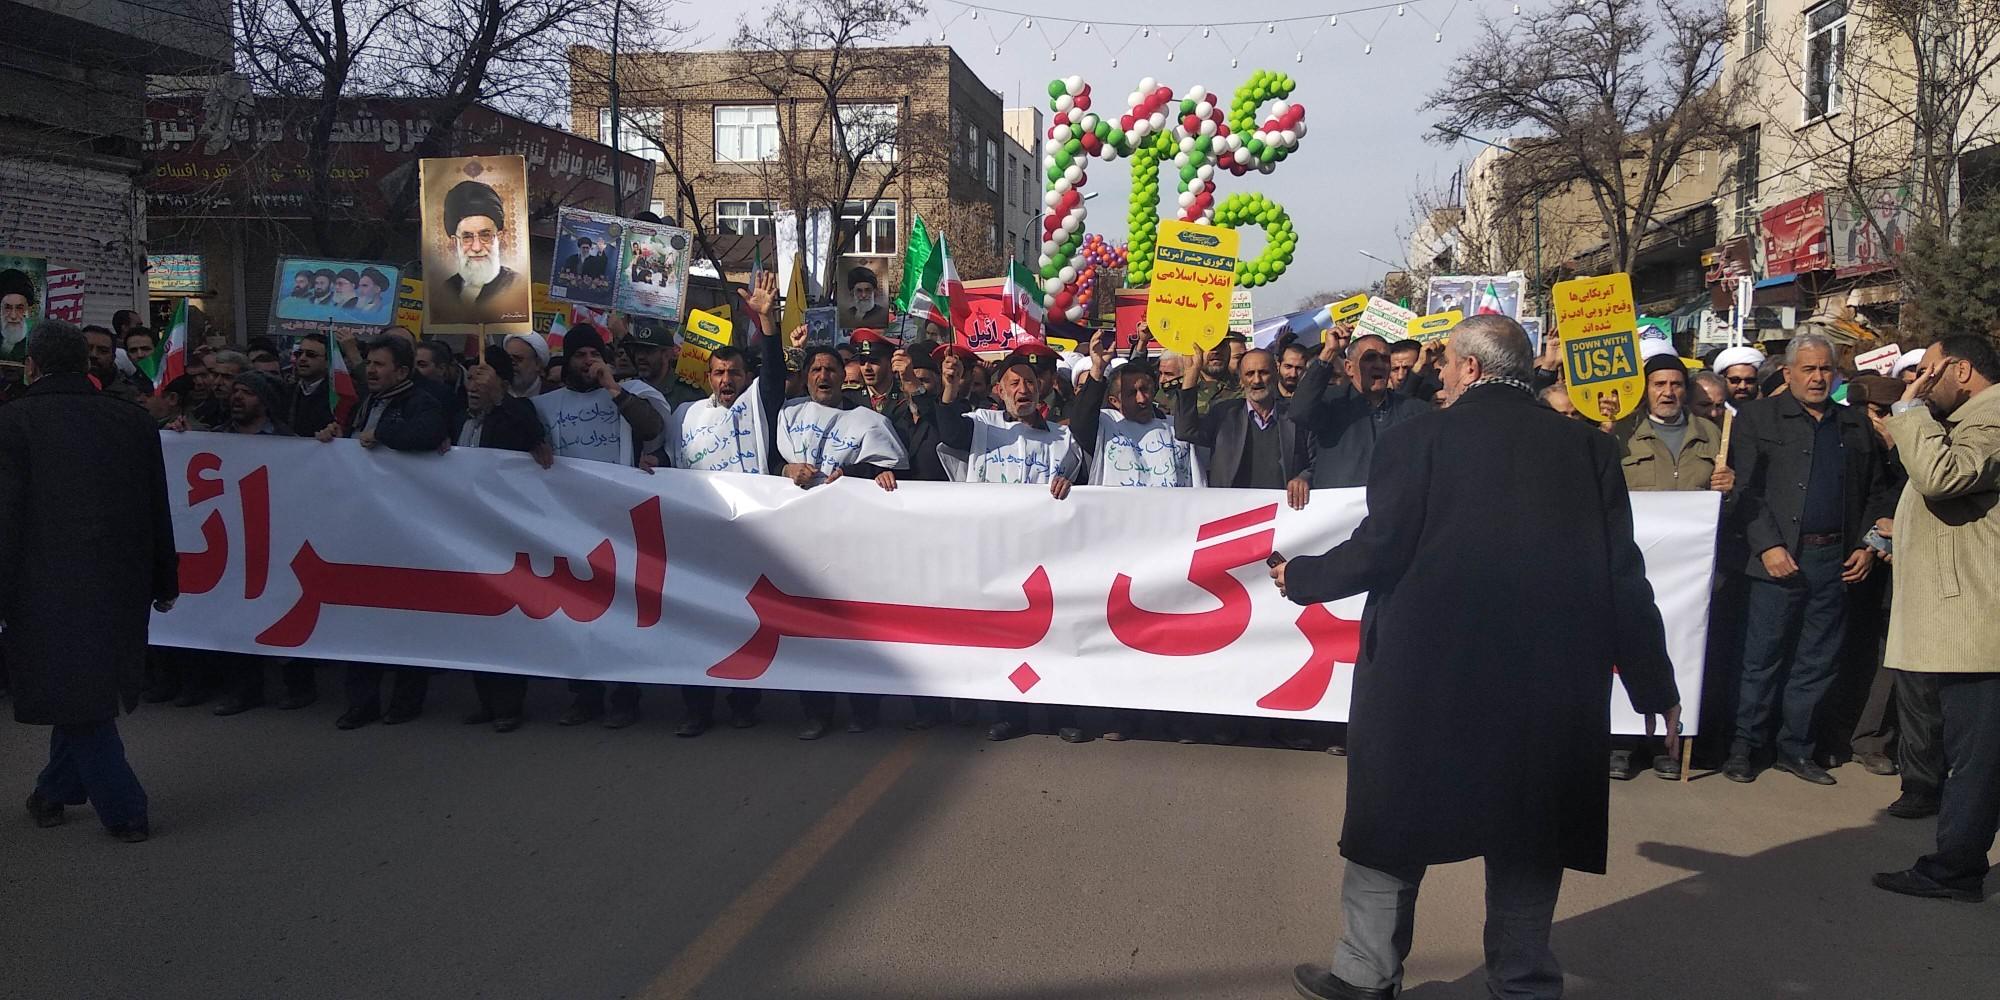 آغاز راهپیمایی باشکوه 22 بهمن در زنجان؛ طنین شعار مرگ بر آمریکا در آسمان زنجان